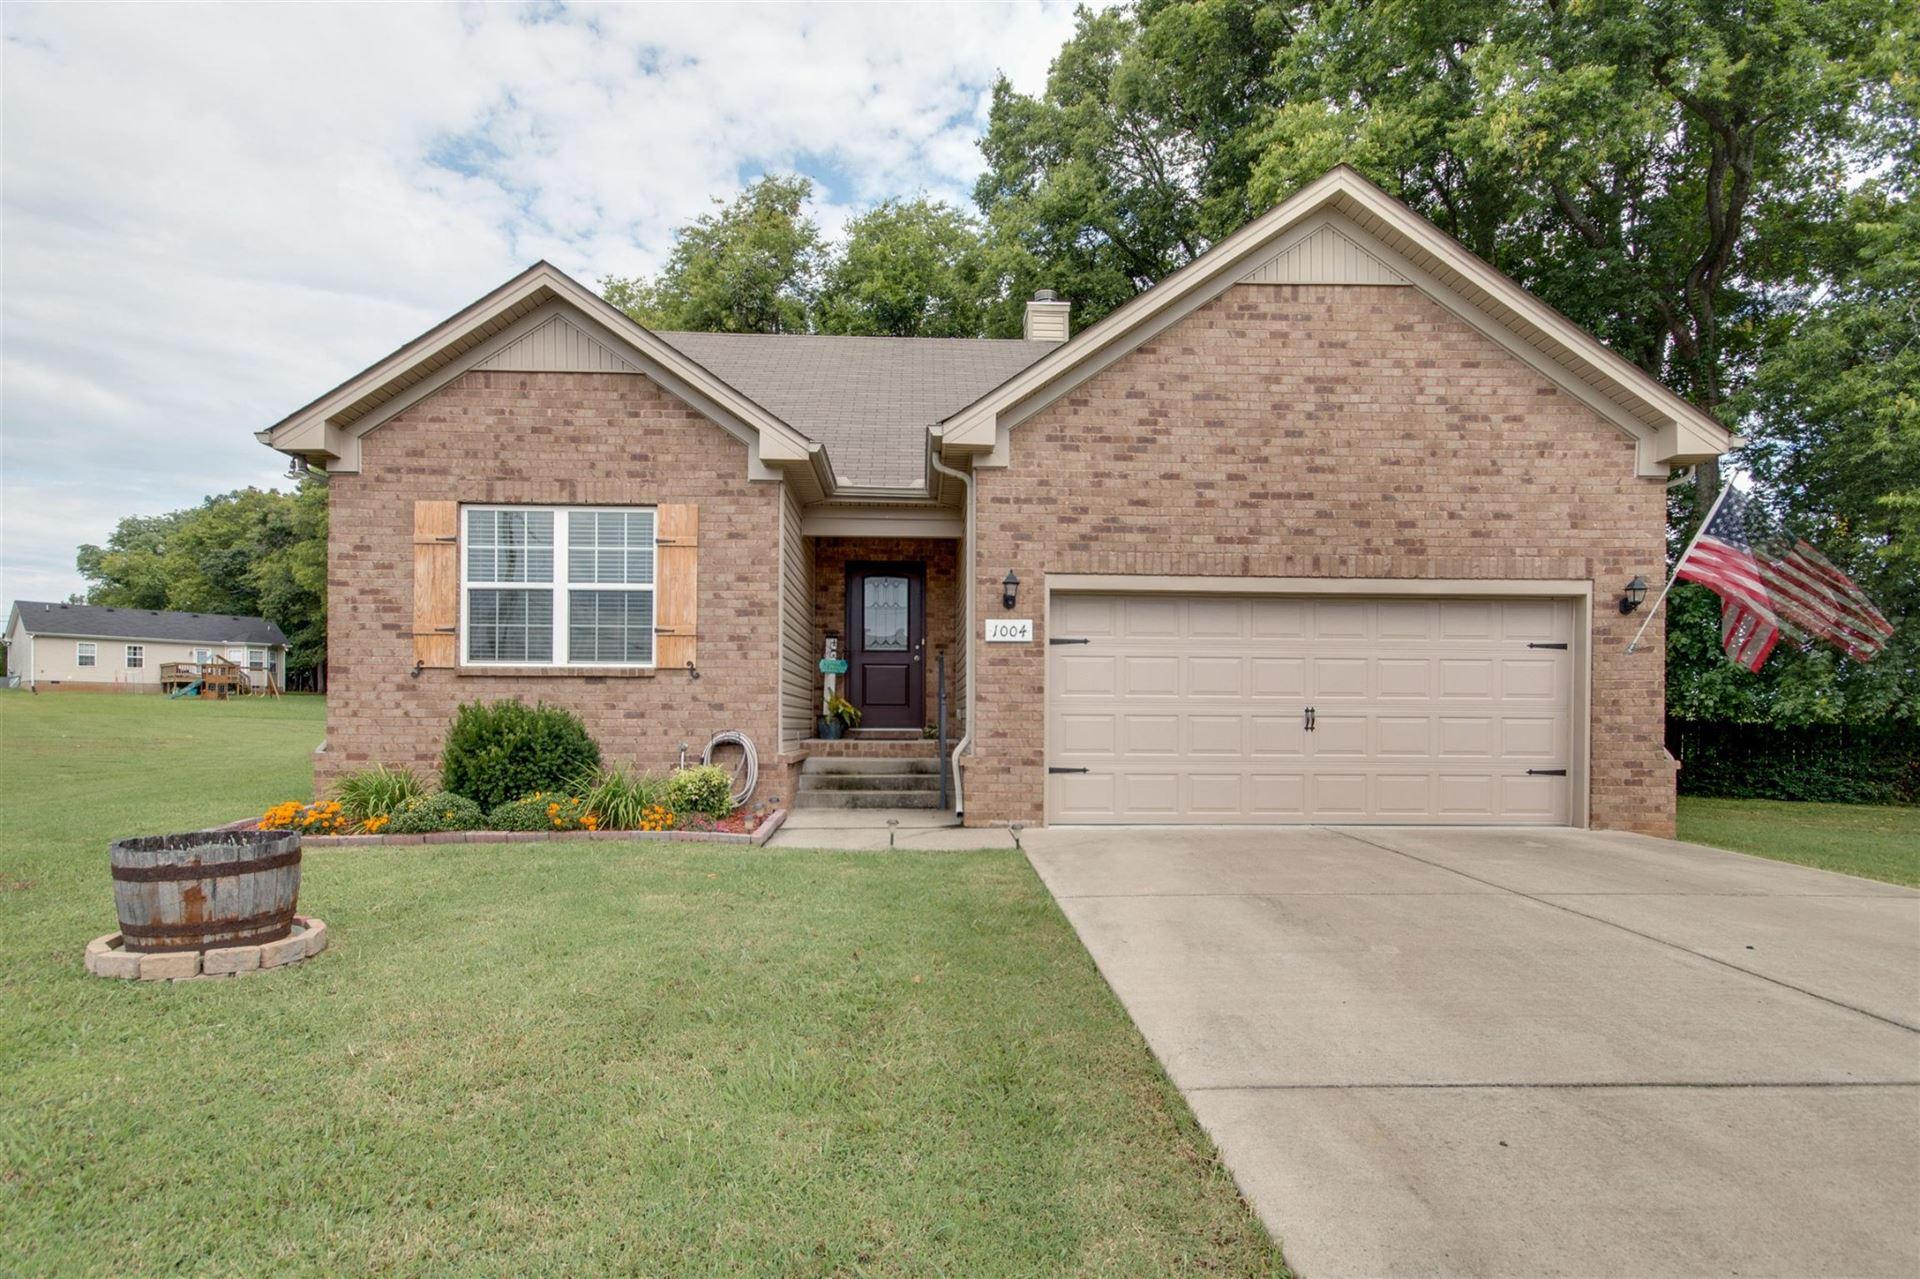 Photo of 1004 Glenda Dr, Murfreesboro, TN 37128 (MLS # 2300332)